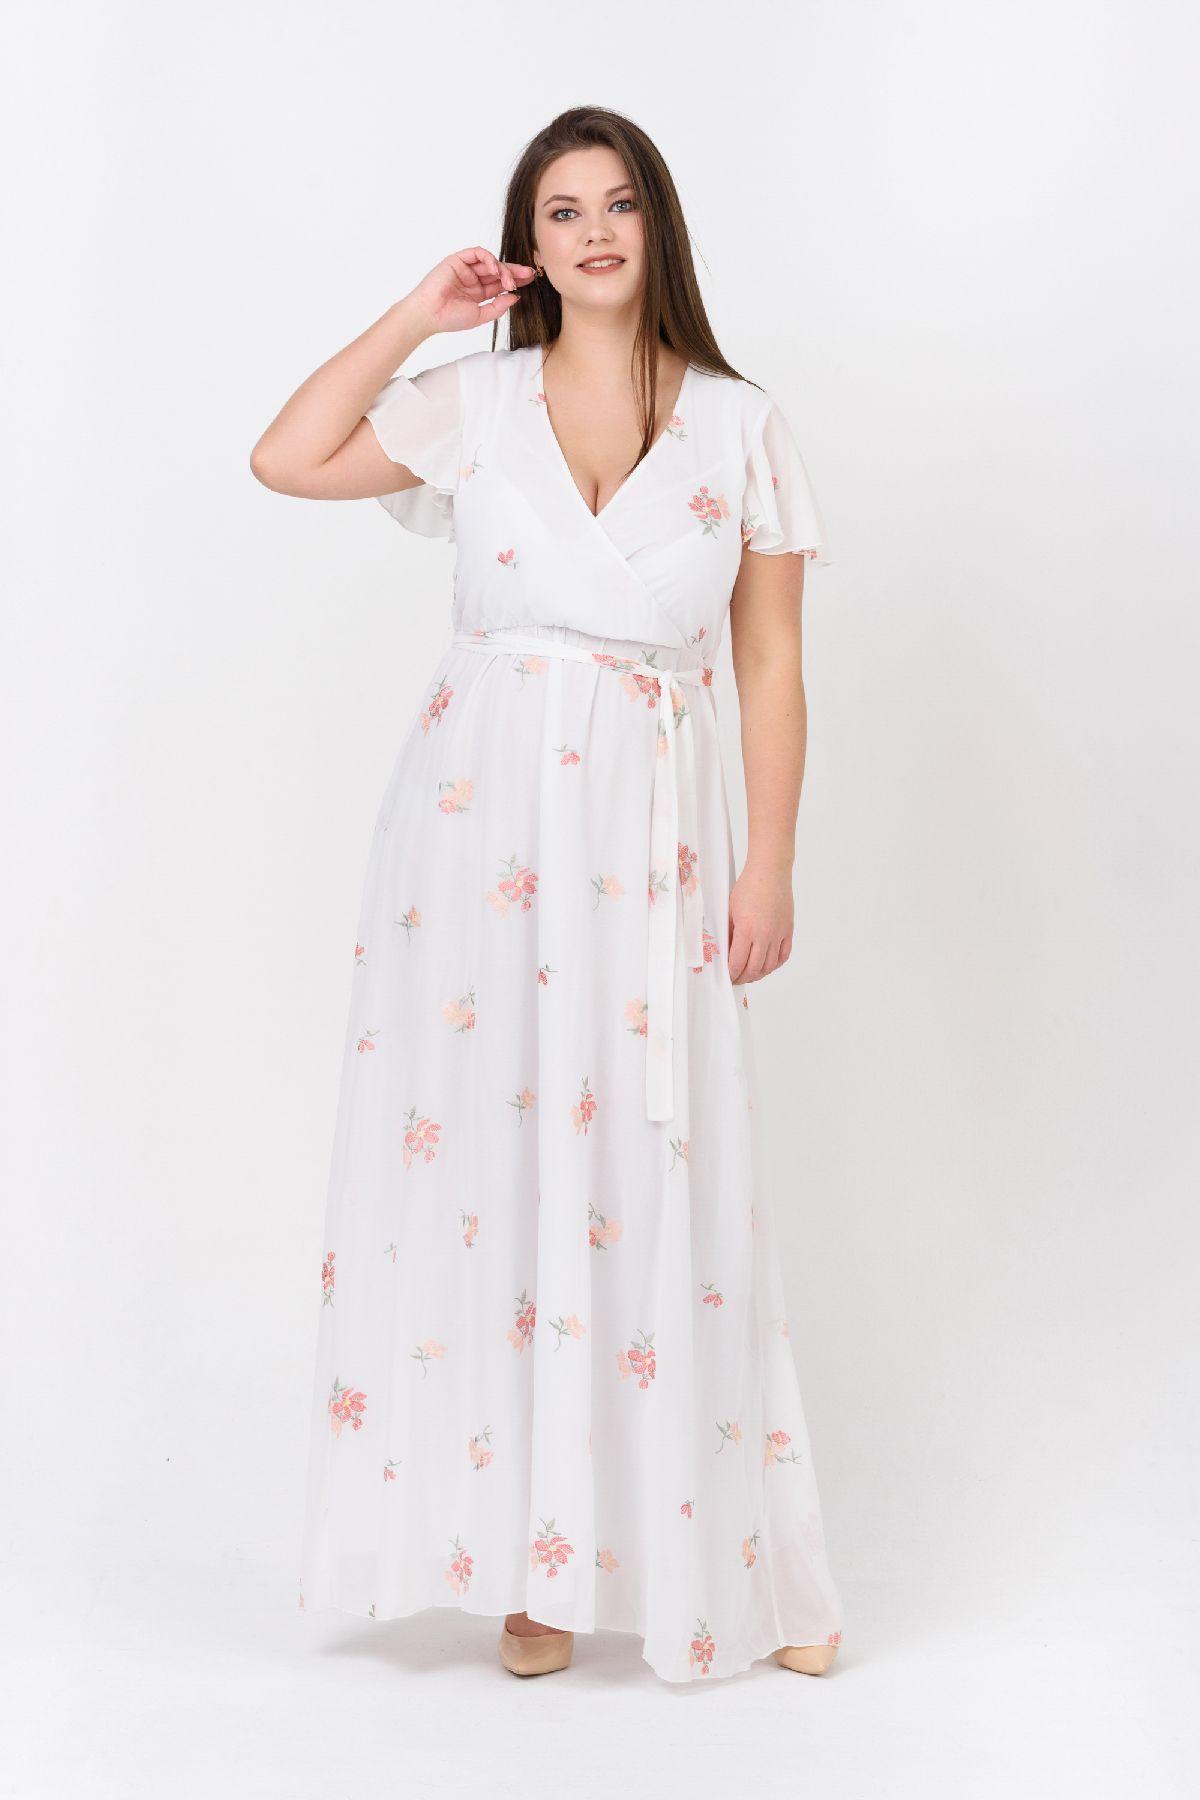 bba206659a8 Купить летнее платье большого размера RMD1920-B-19DD оптом